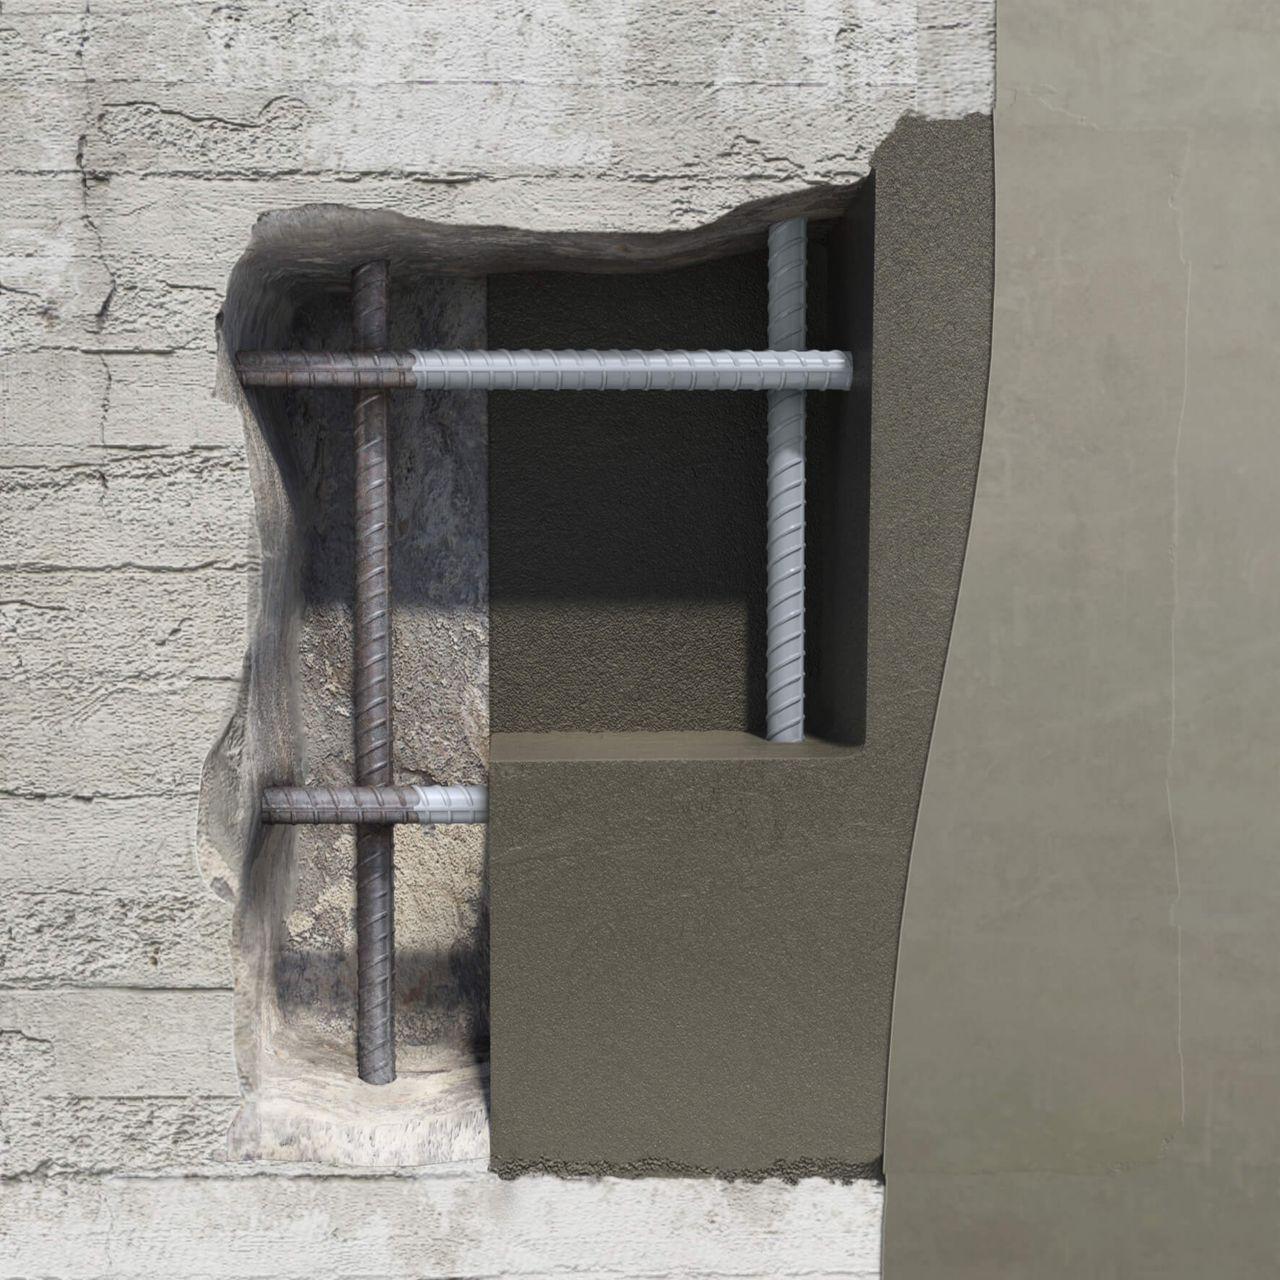 concrete repairs diagram